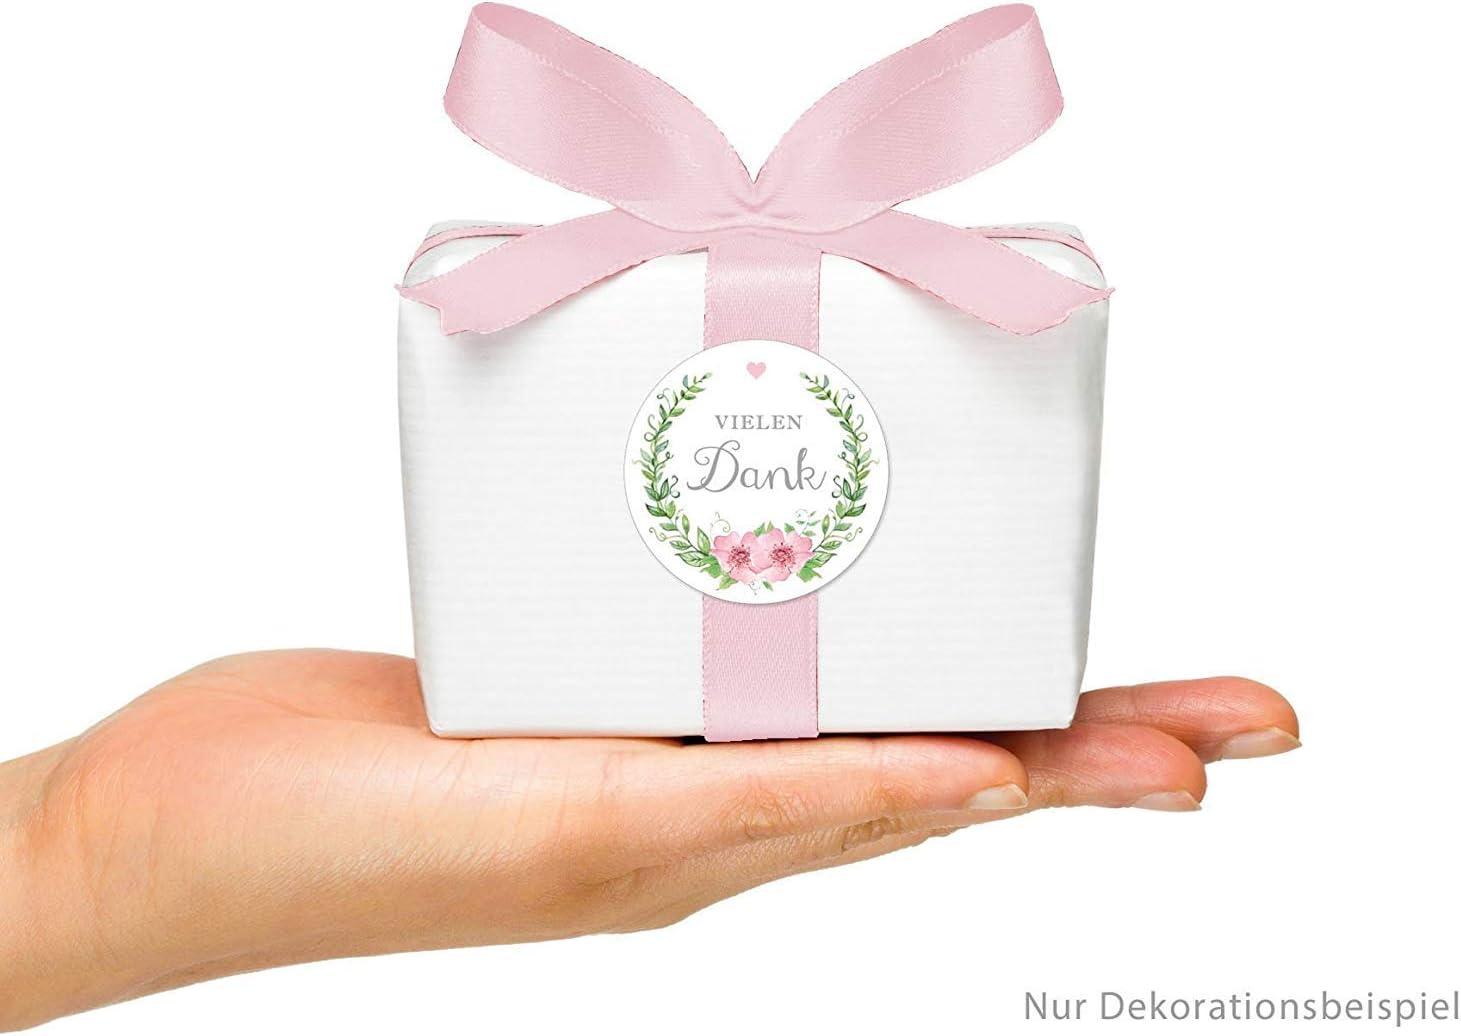 Bl/üten und Herz in gr/ün//rosa f/ür Freudentr/änen-Verpackungen//Taschent/ücher zur Hochzeit /• Papieraufkleber: 4 cm 48 STICKER:F/ür Freuden Tr/änen Etiketten mit Kranz rund matt